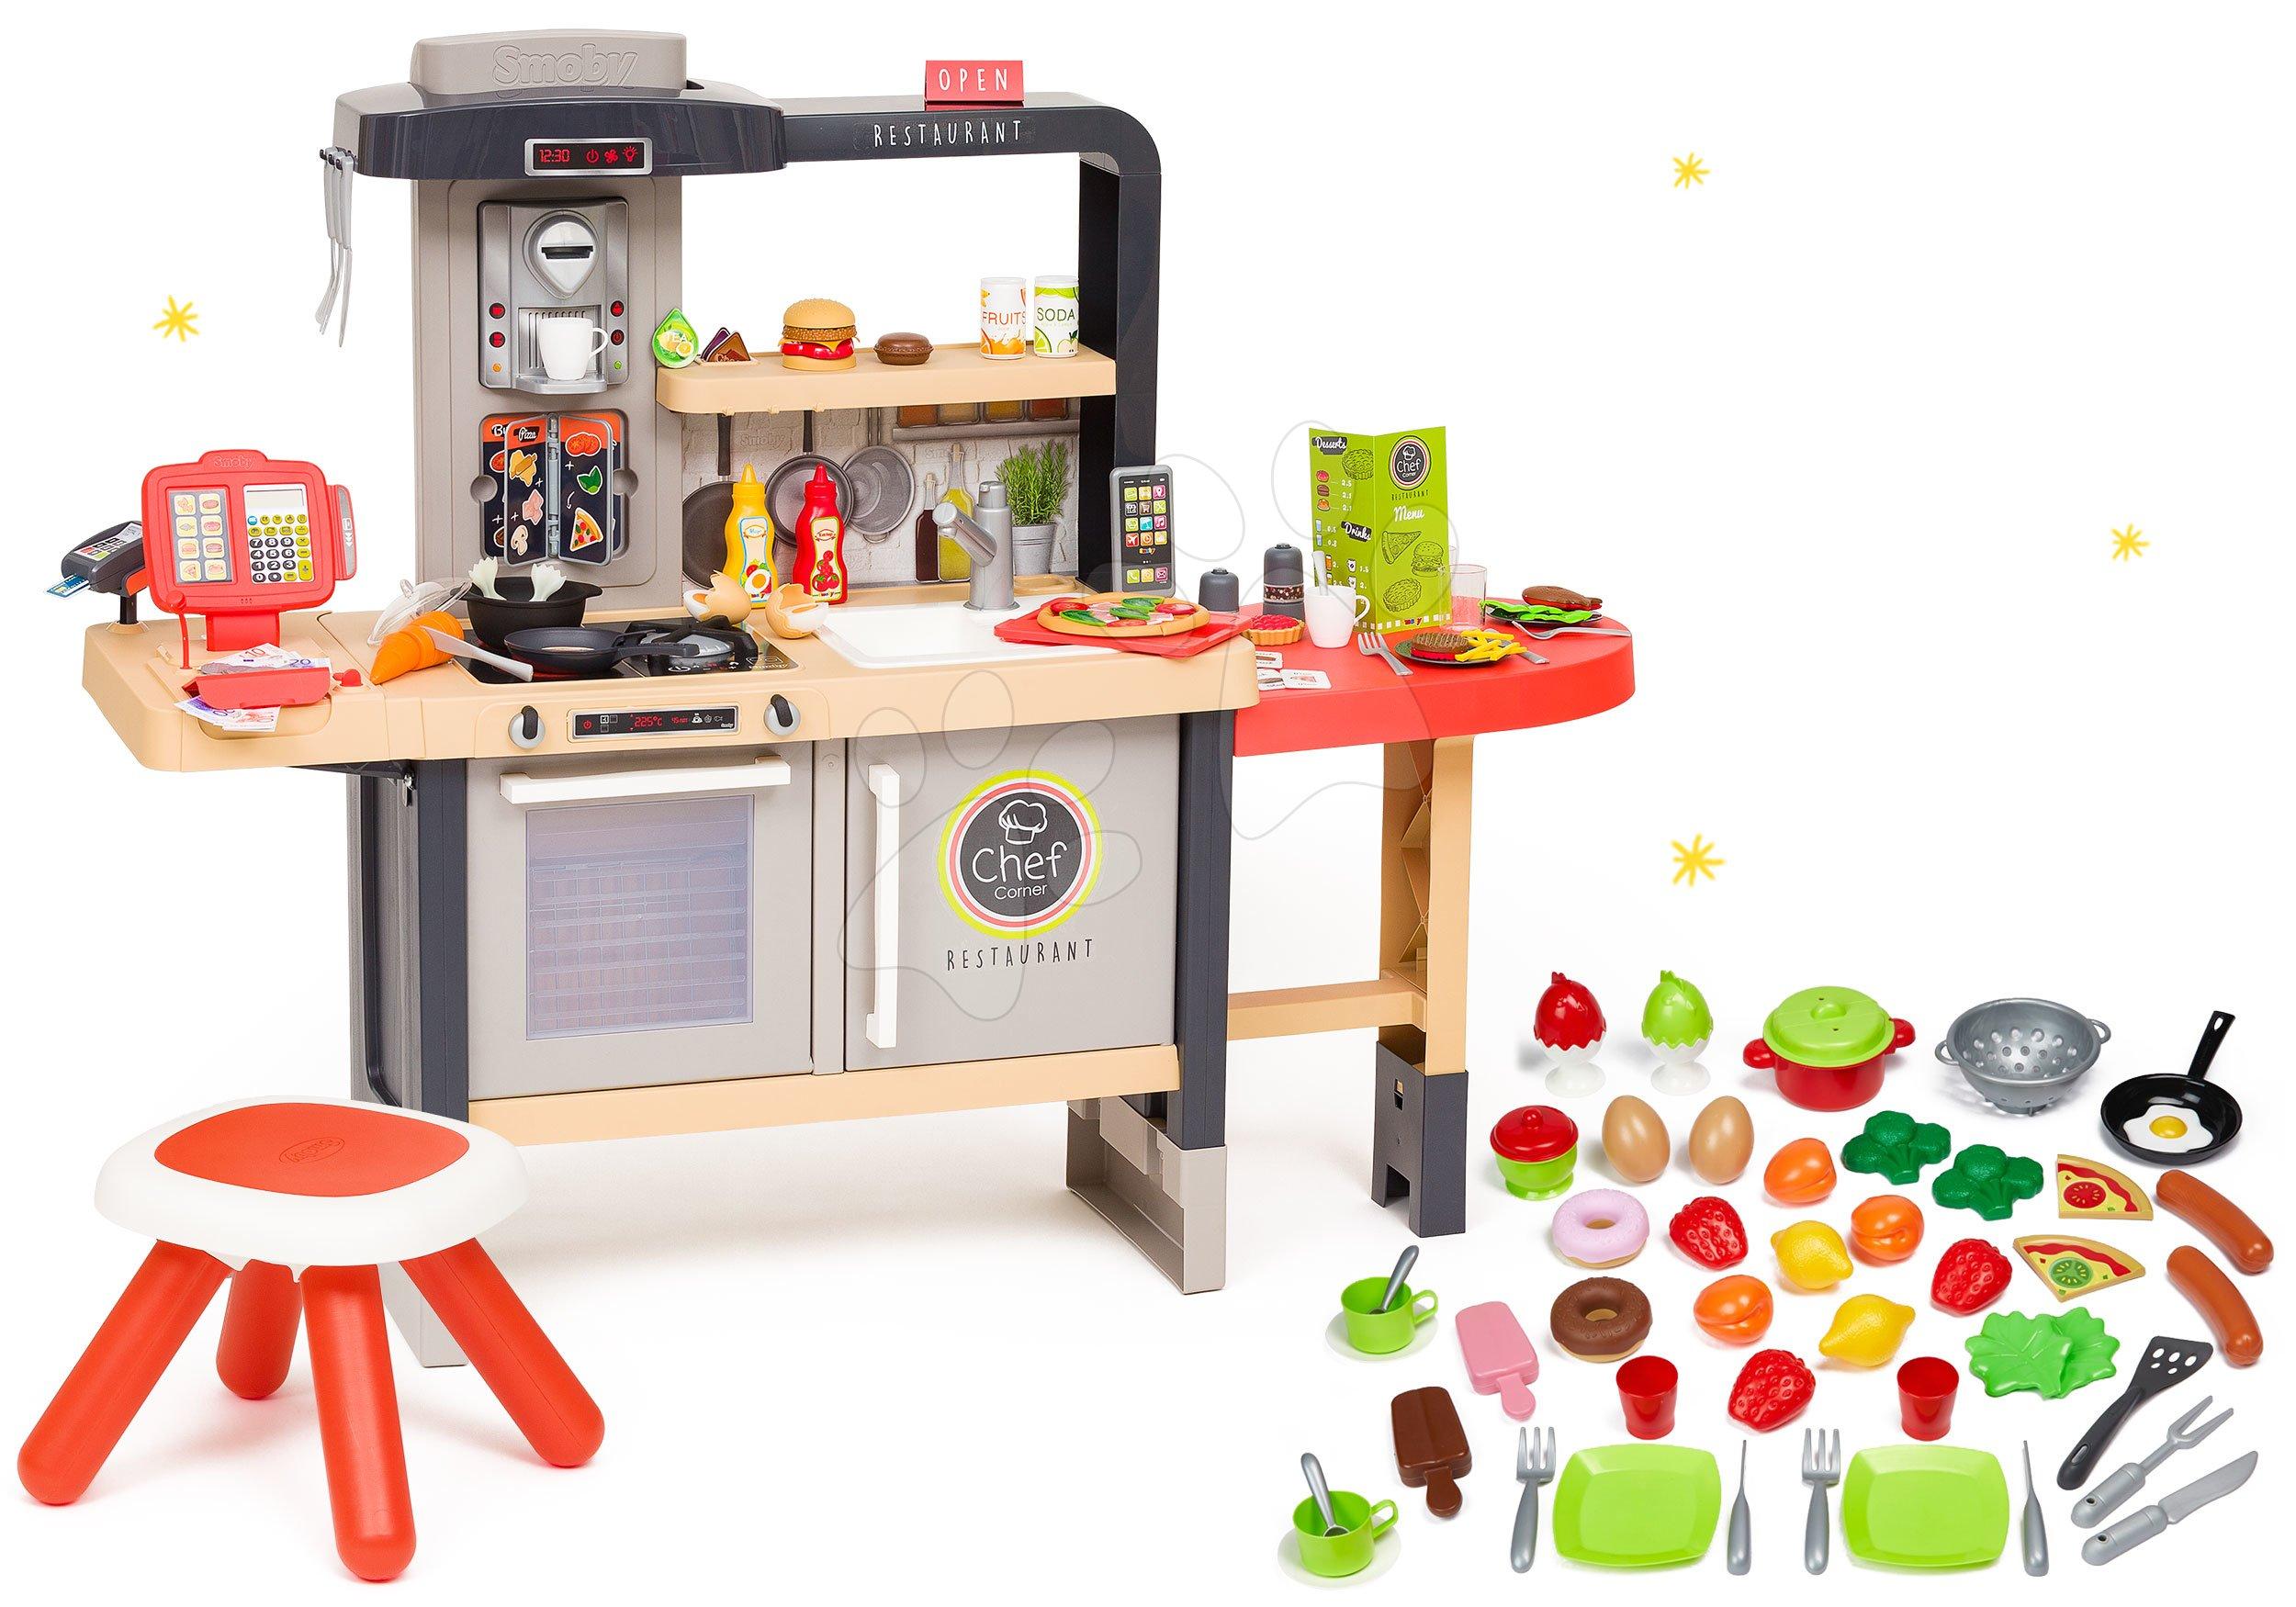 Kuchynky pre deti sety - Reštaurácia s elektronickou kuchynkou Chef Corner Restaurant Smoby a potraviny s riadom 50 dielov